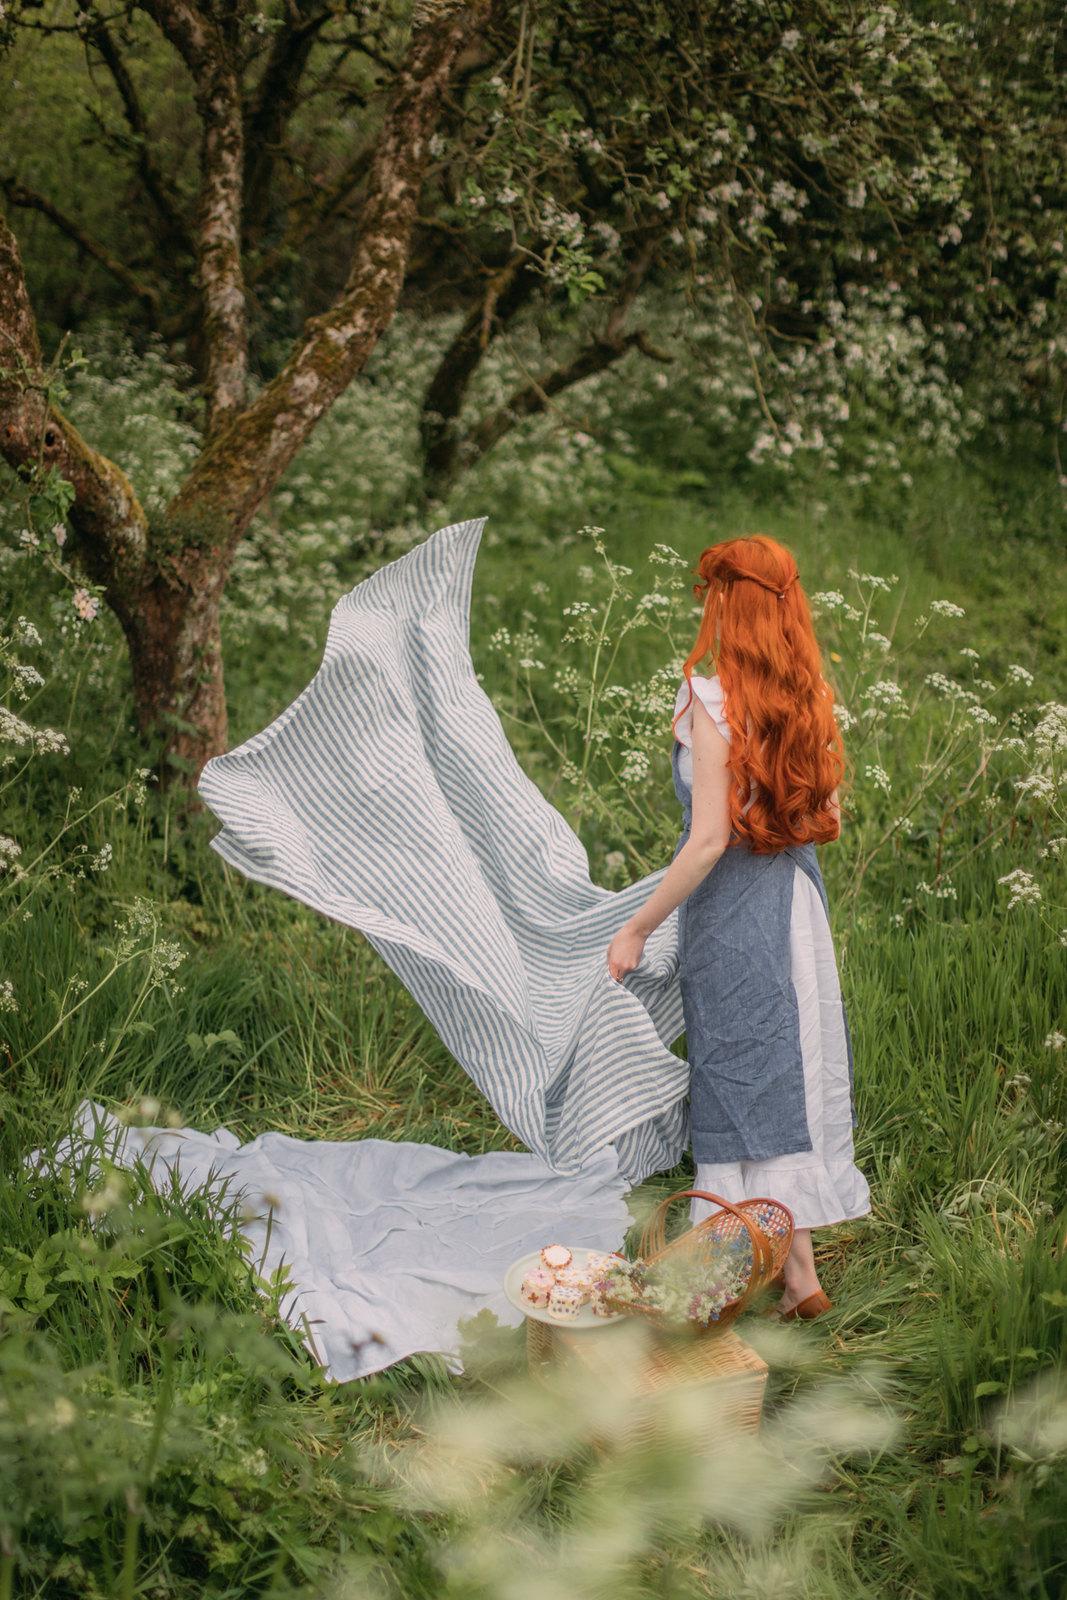 spring hobbit,hobbithearted, cottagecore, cottagecore dress, cottagefairy, fairycore, voriagh, folk fashion, picnic, spring picnic, linen picnic